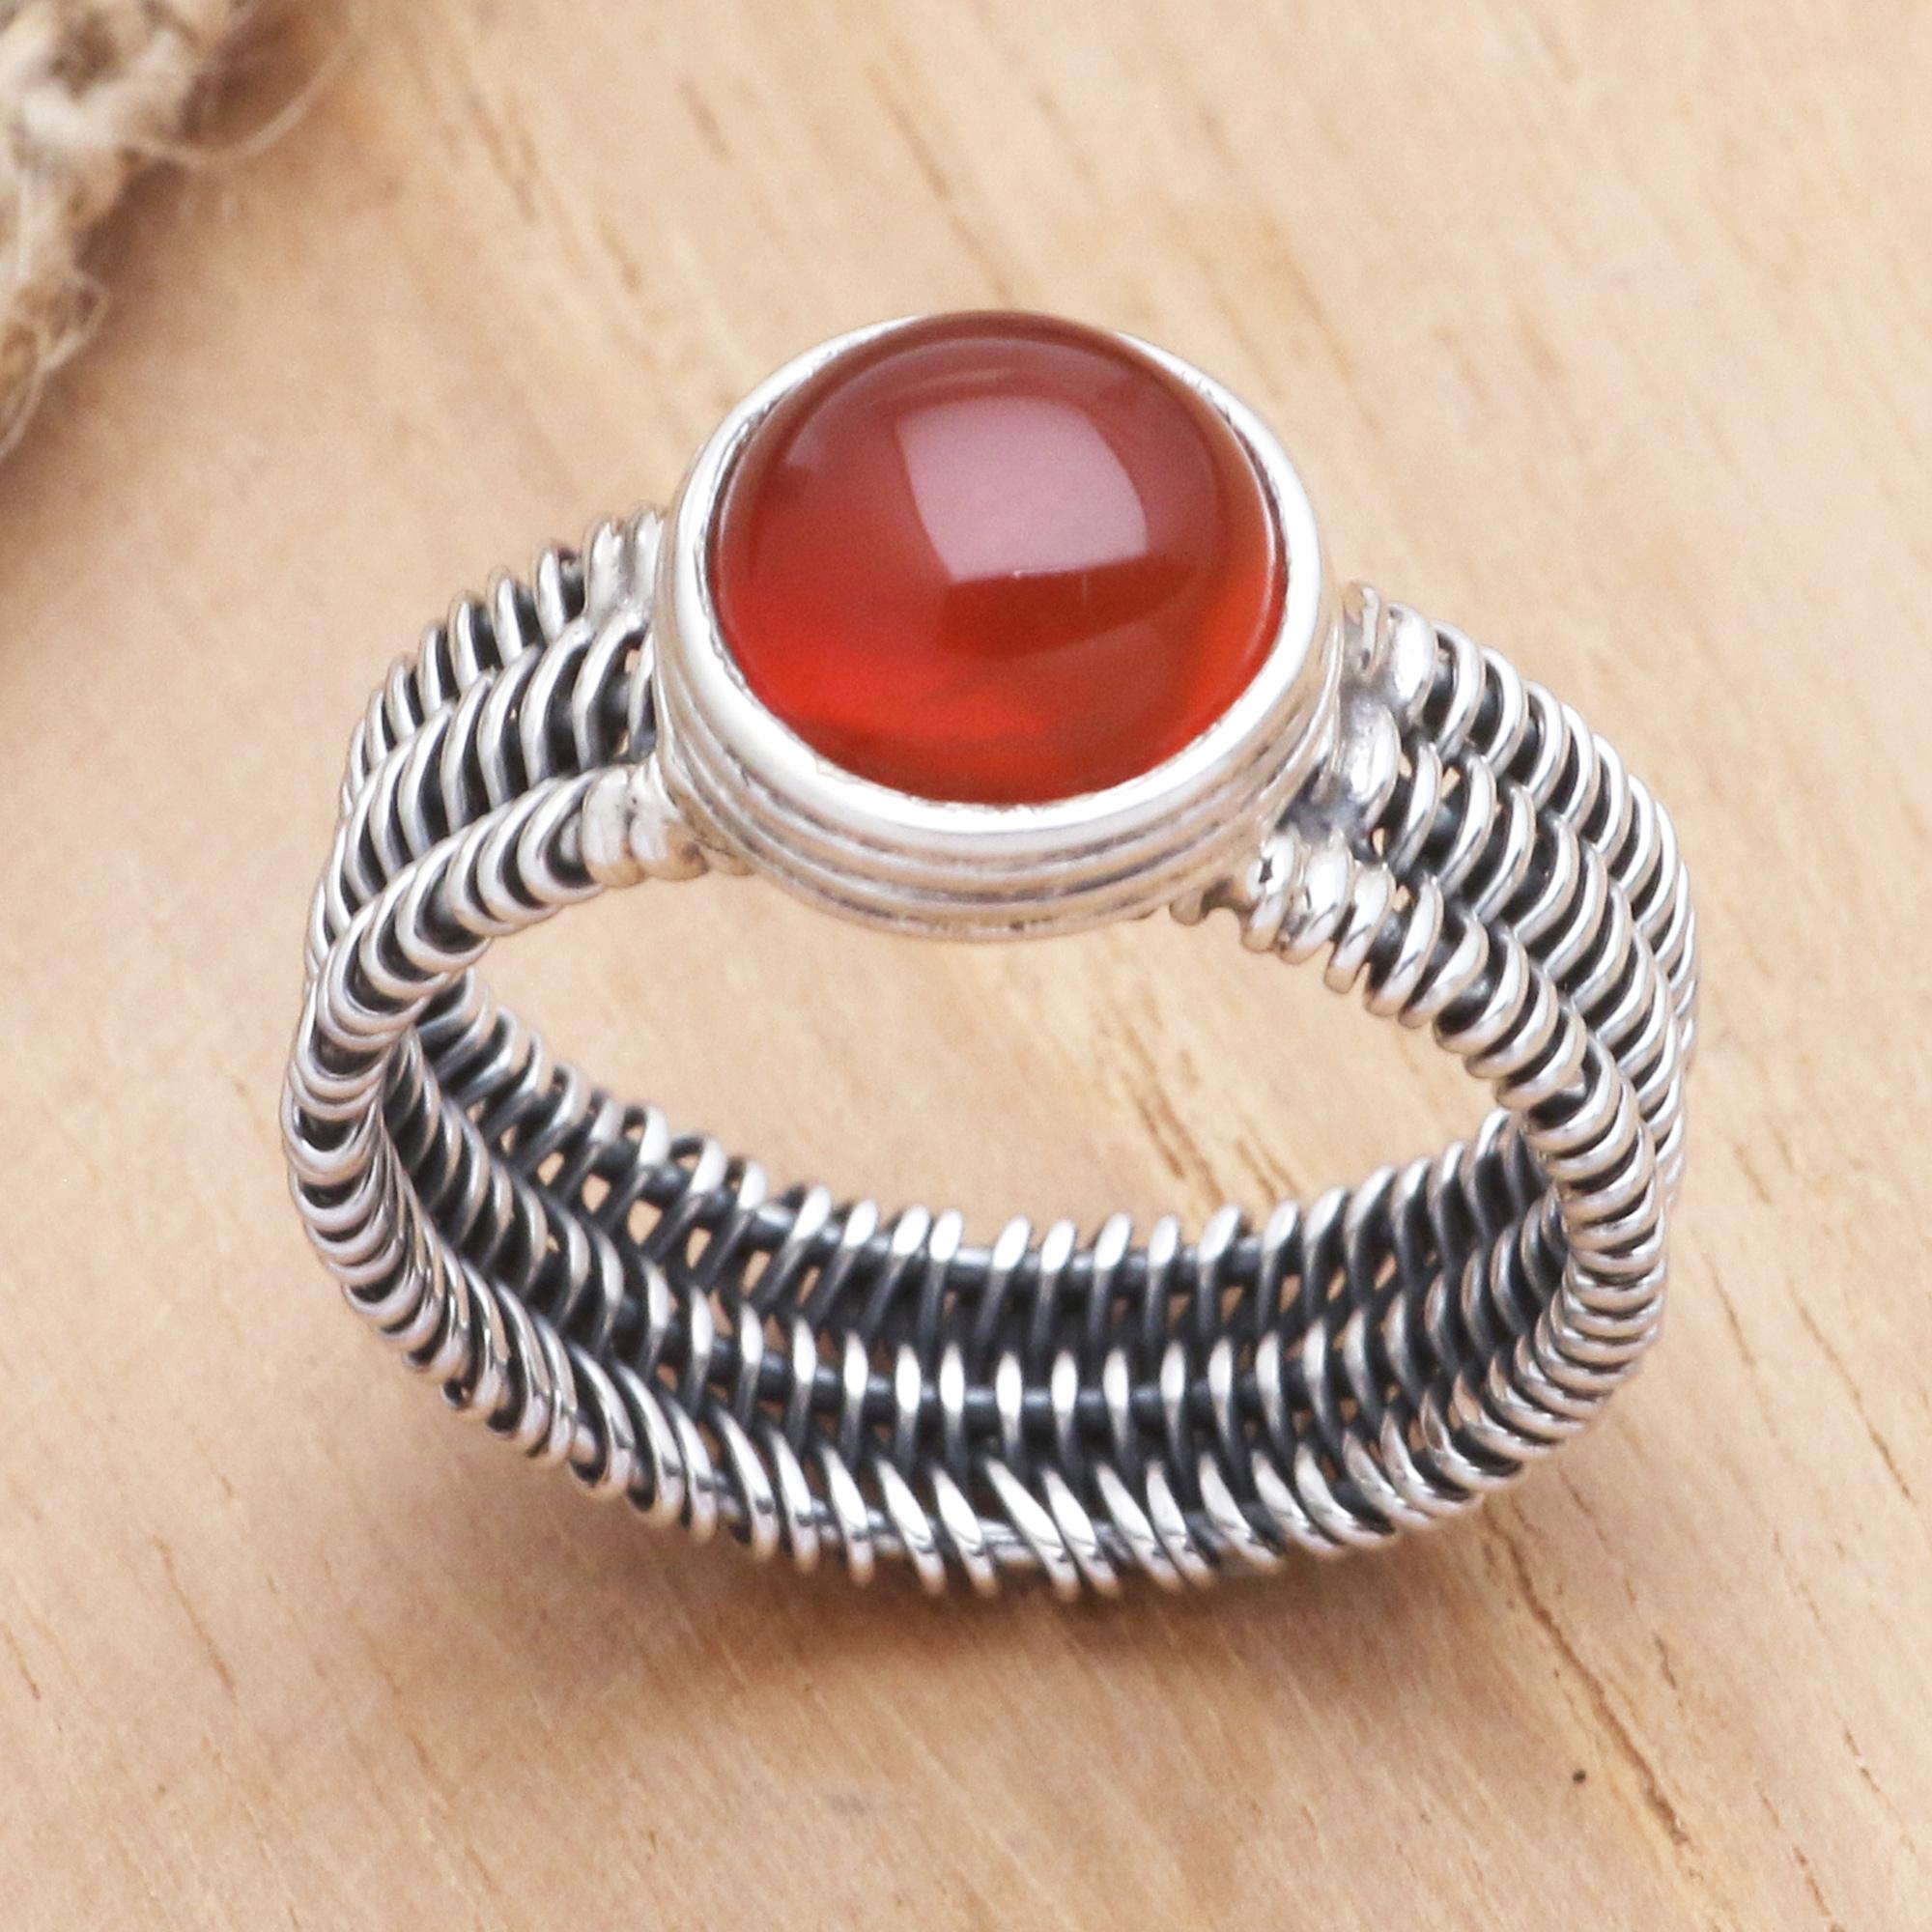 Carnelian Wire Ring